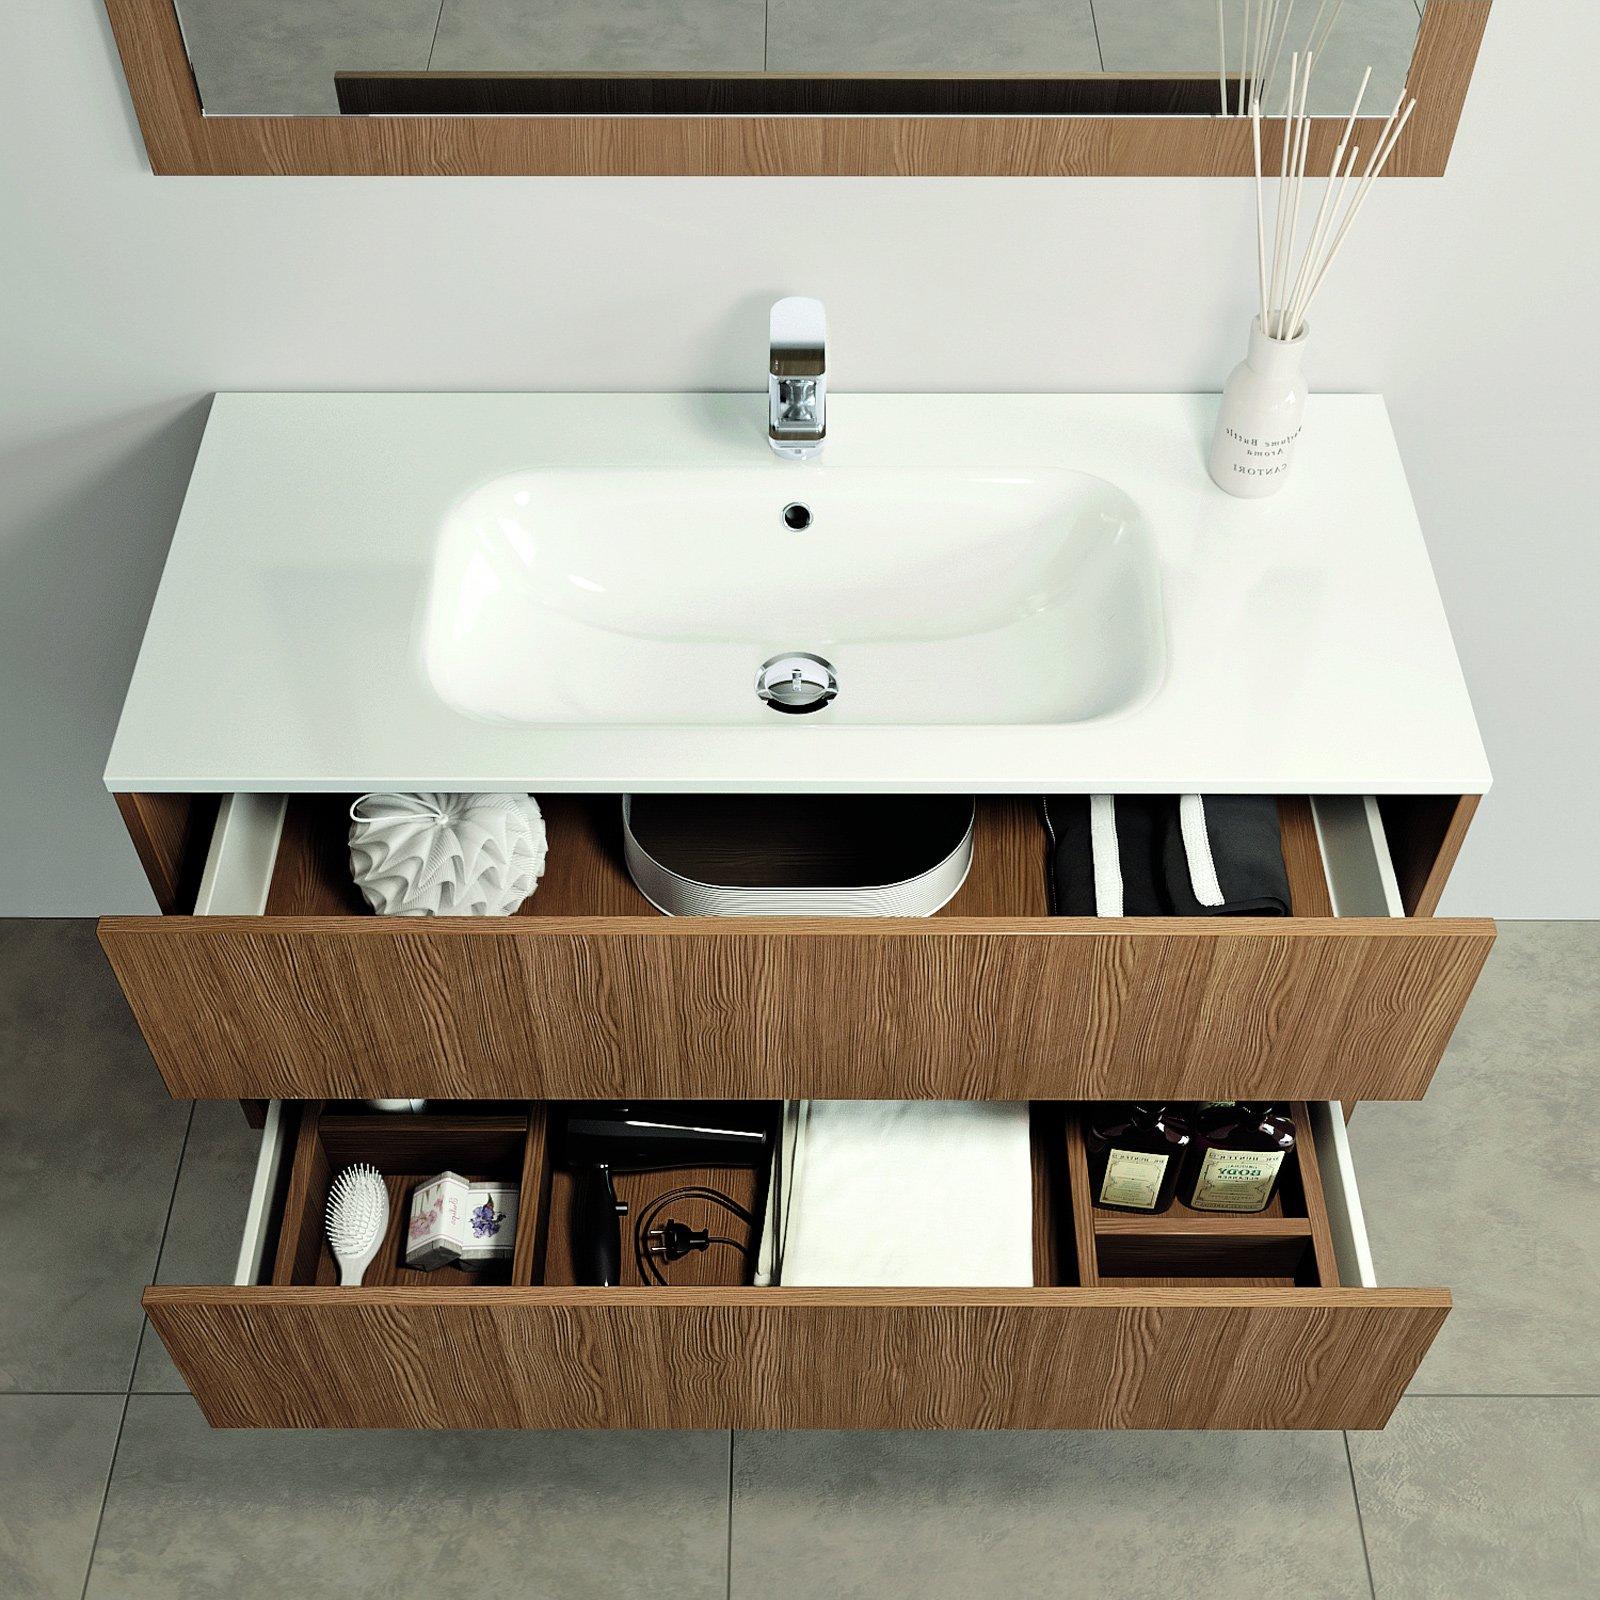 Mobili bagno con cassetti tutto in ordine sotto il lavabo cose di casa - Mobiletto salvaspazio bagno ...